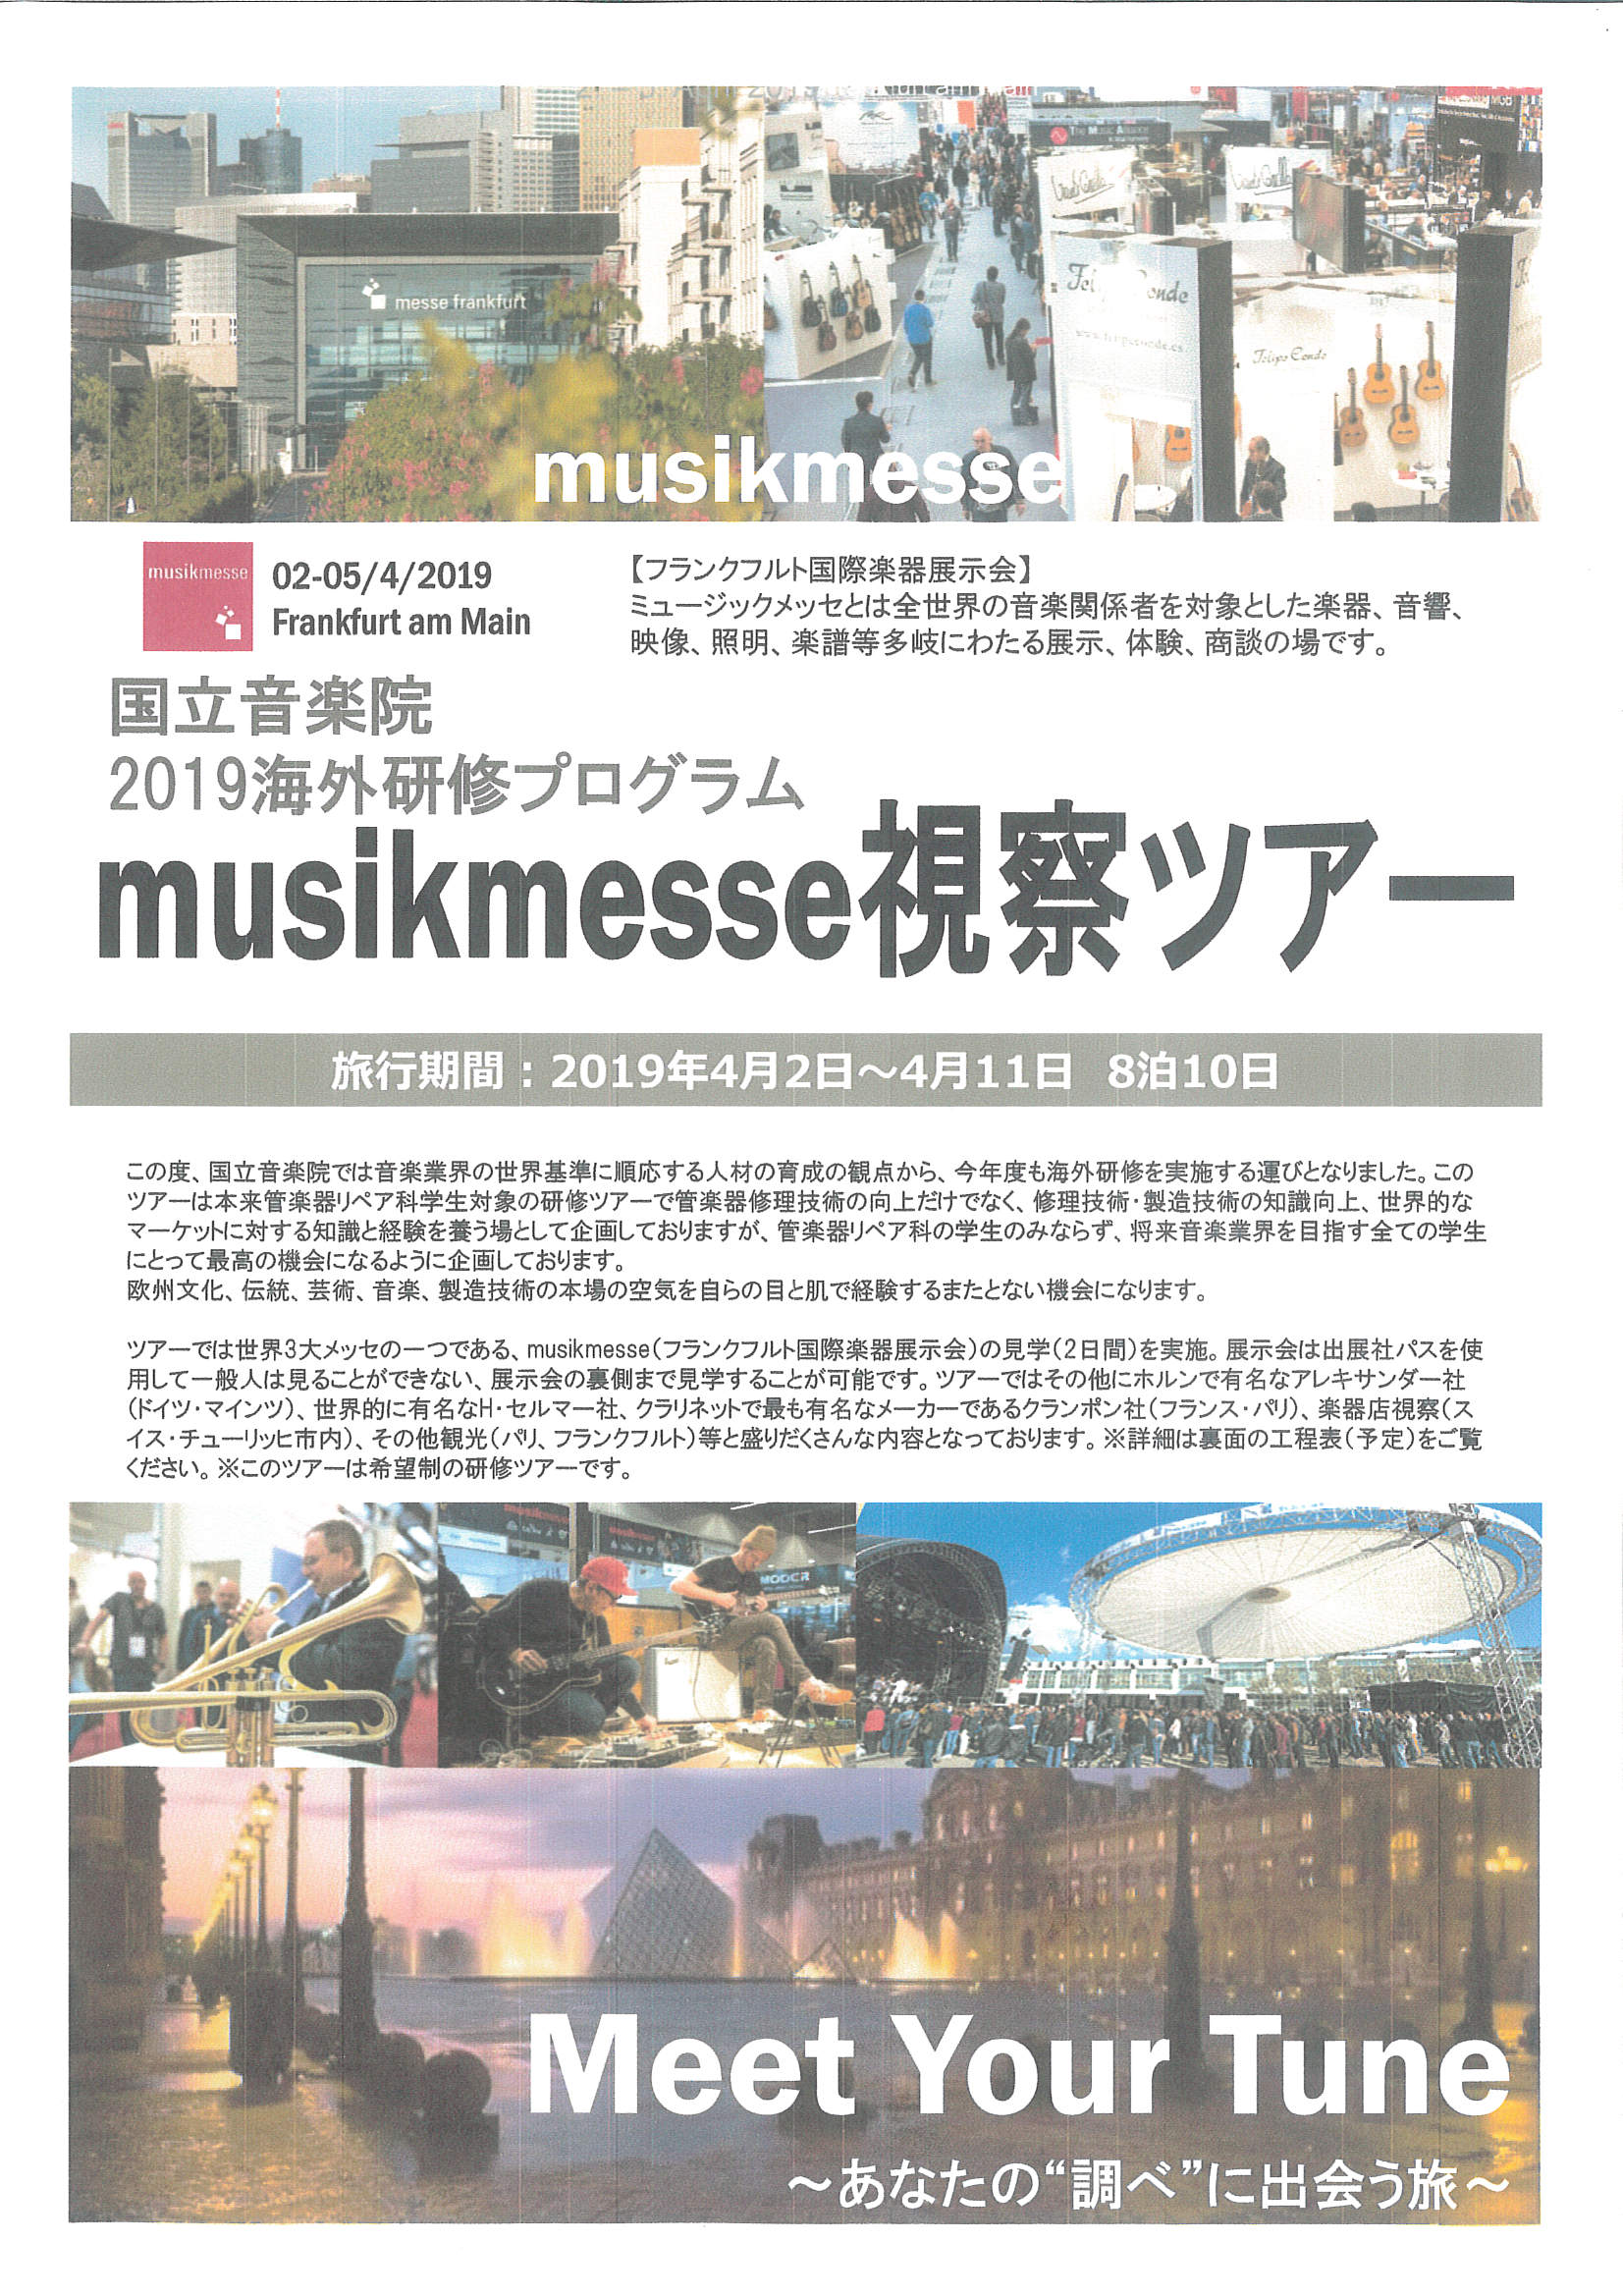 国立音楽院 2019年海外研修プログラム 「musikmesse視察ツアー」の参加者募集フライヤー